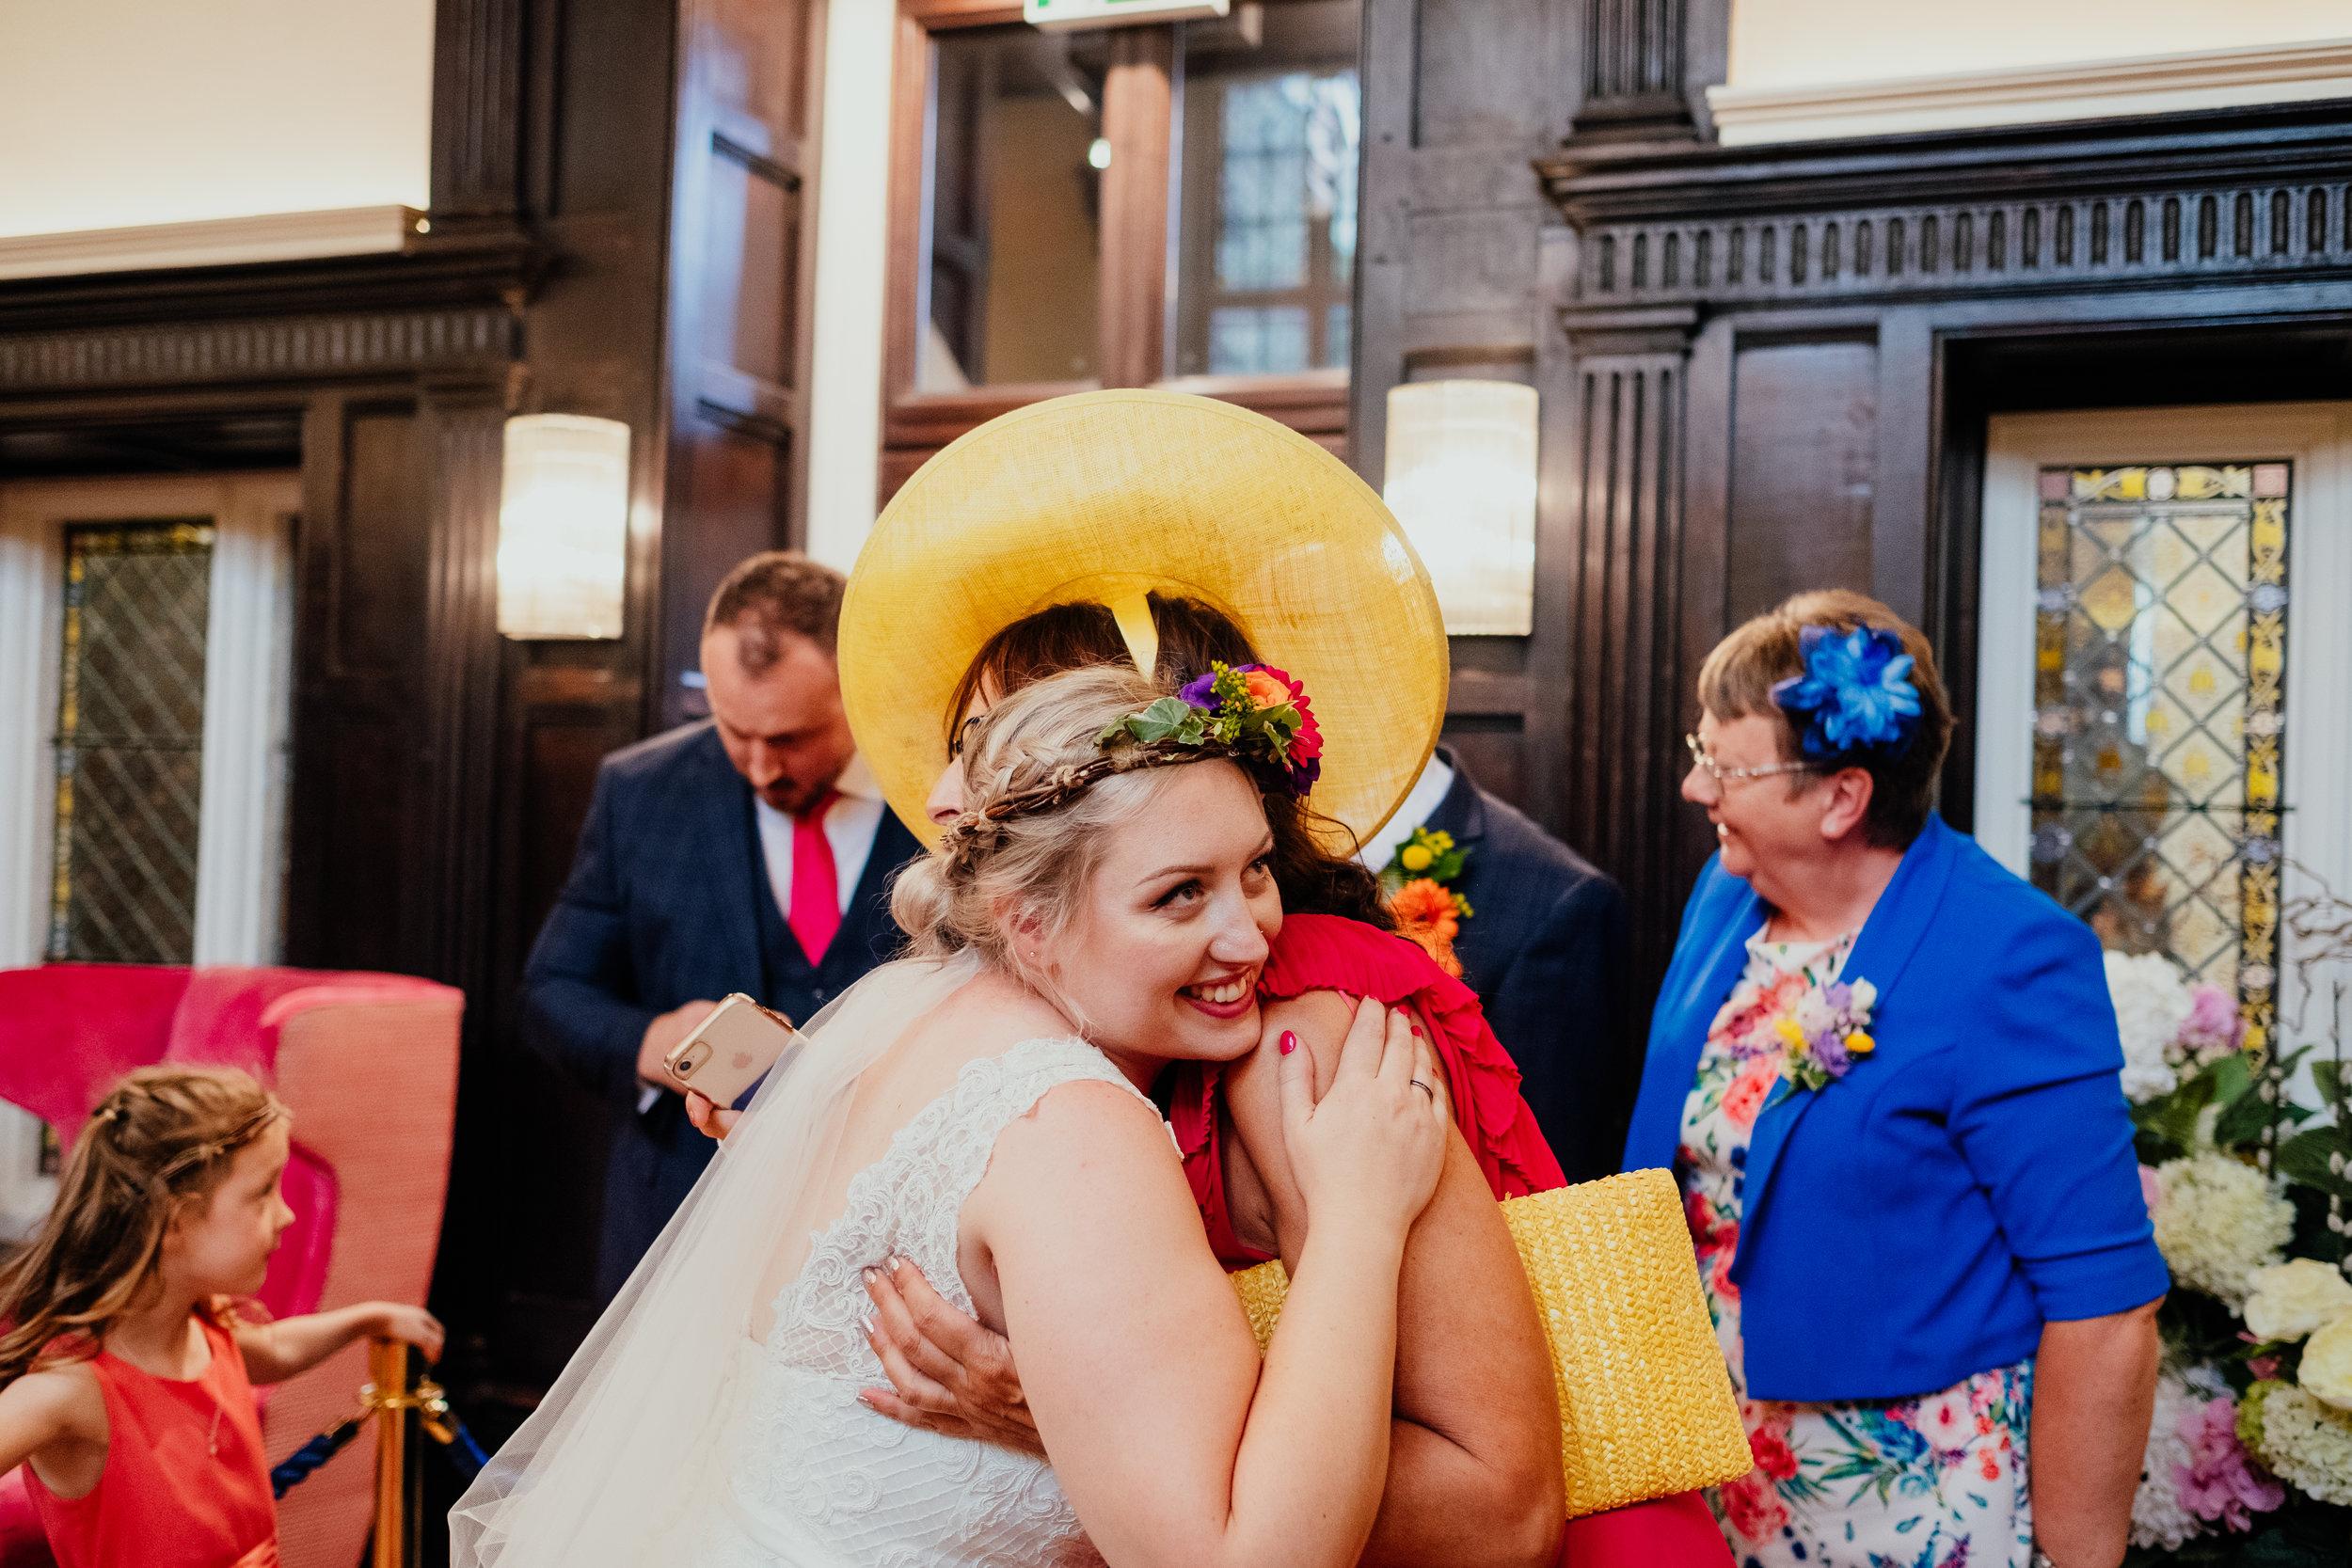 Vegan bride hugs her mum after wedding ceremony